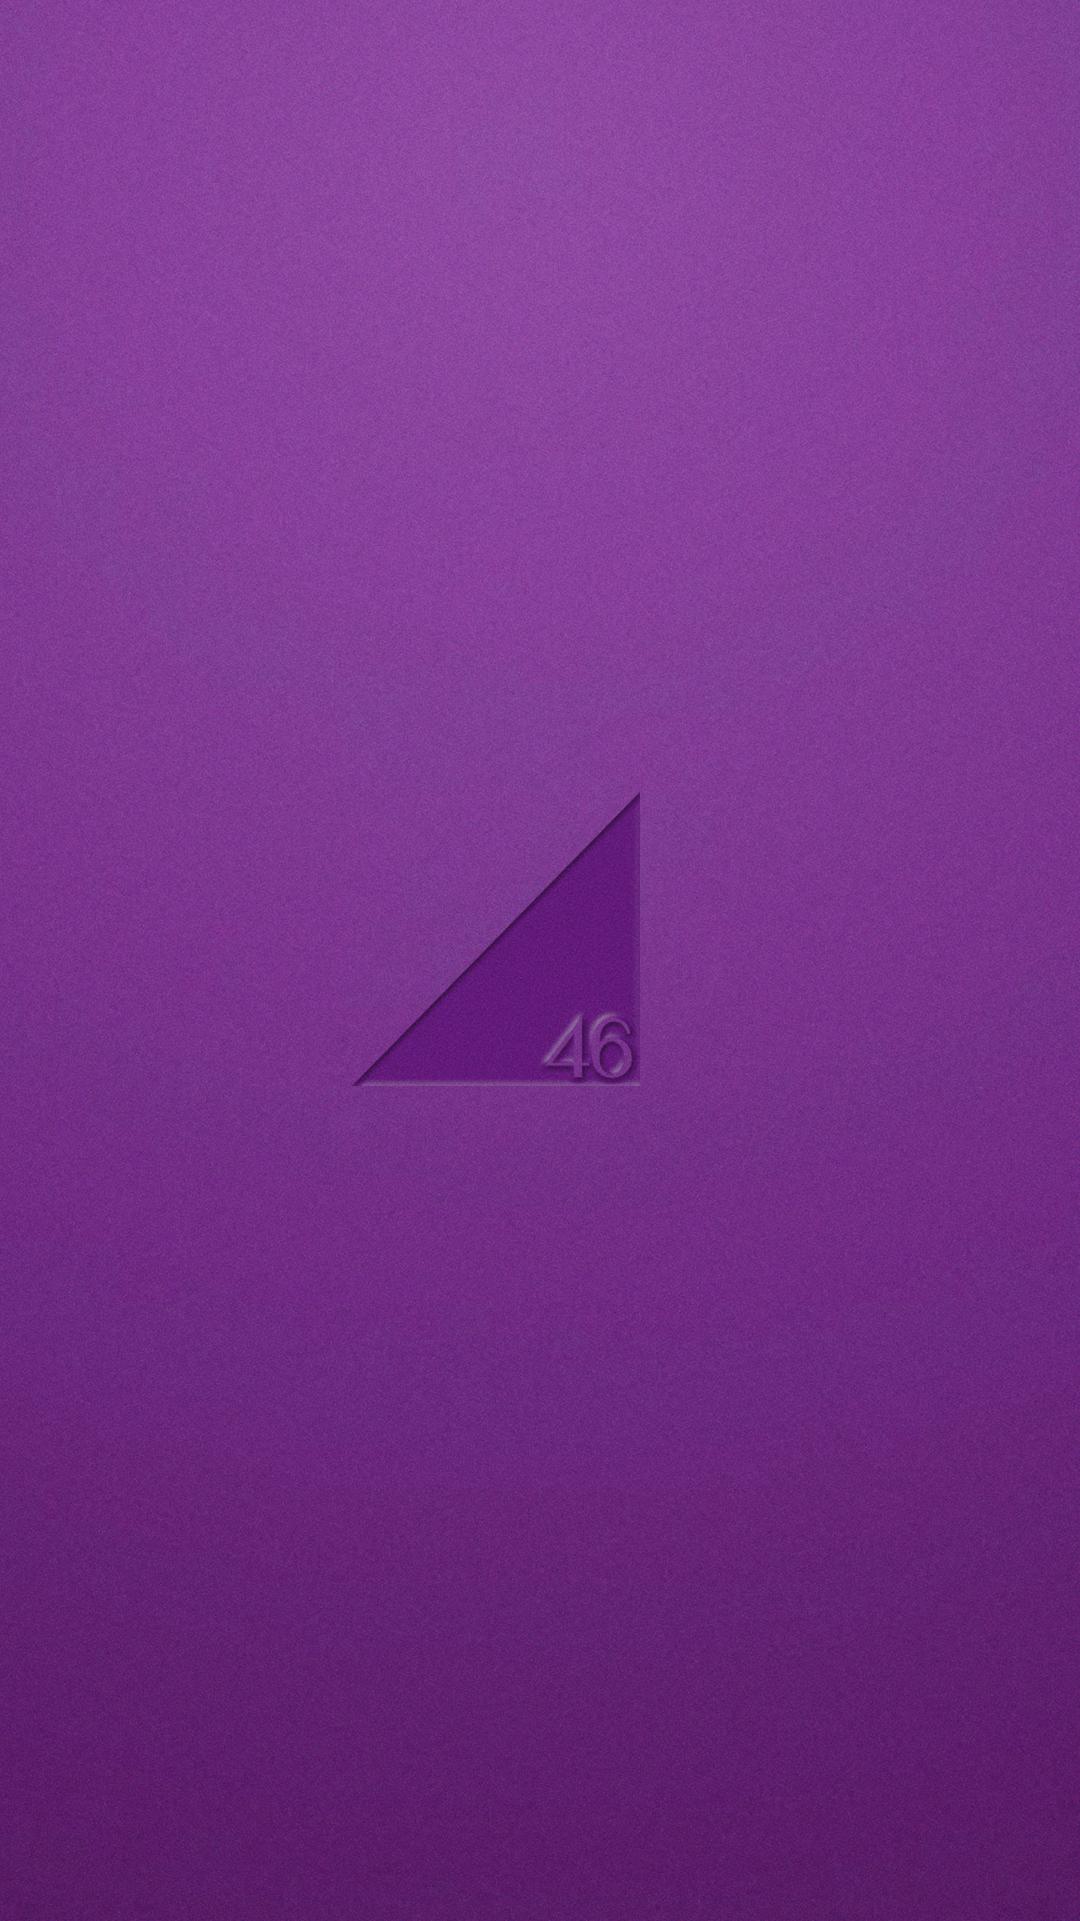 【乃木坂46】シンプルロゴ スマホ壁紙画像|170518|01